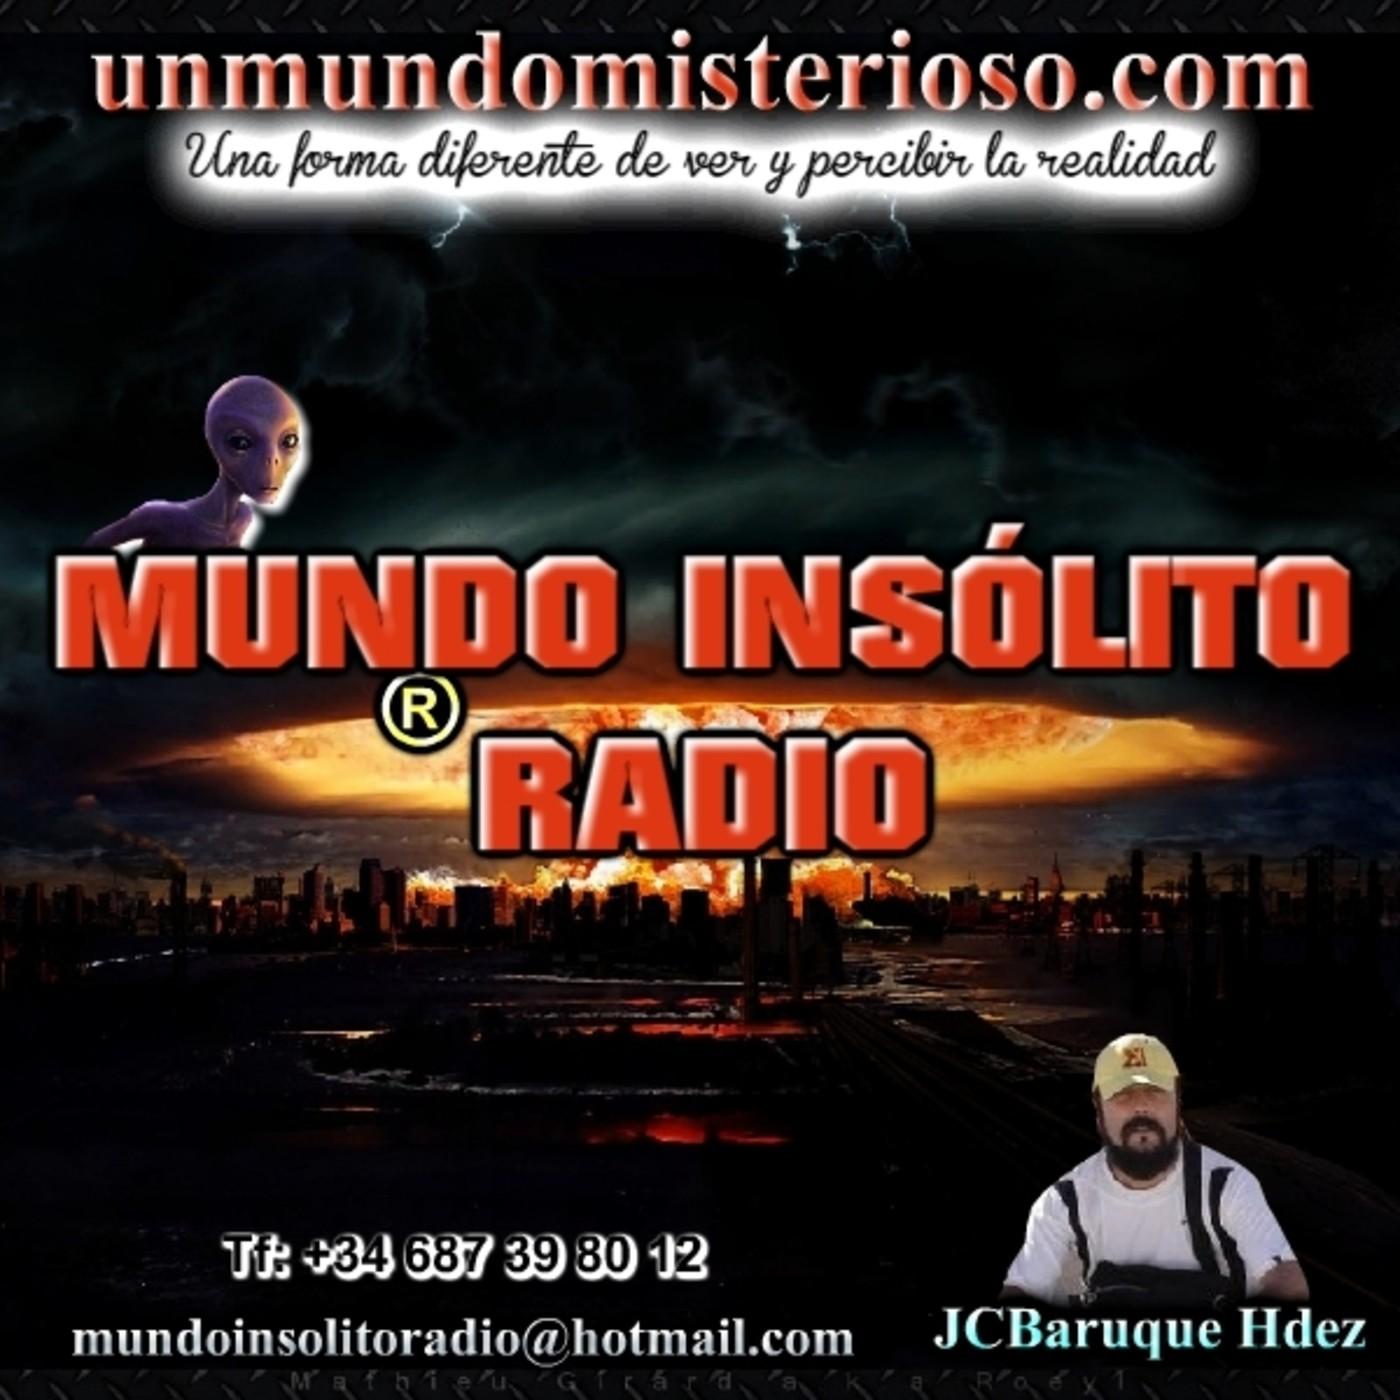 Radio mundo insólito